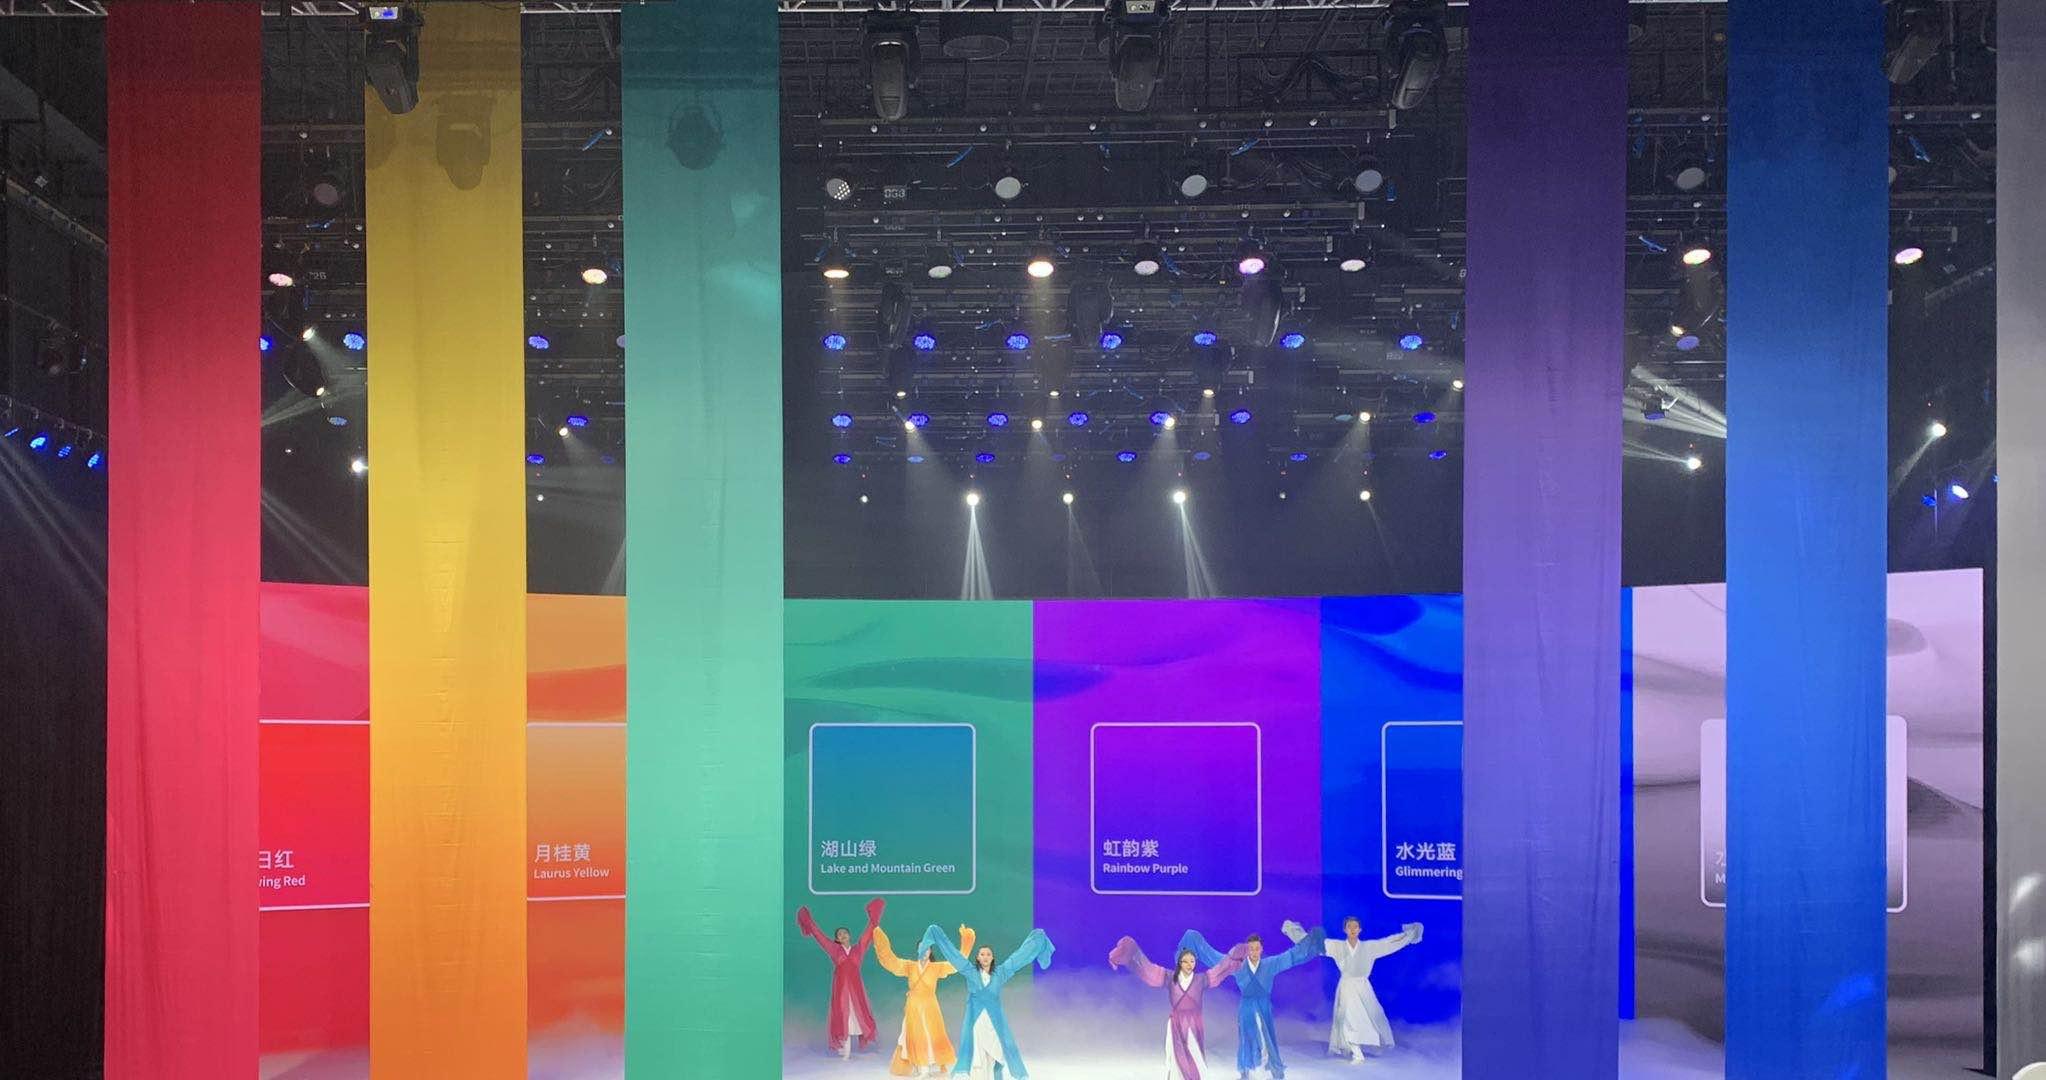 """杭州亚运会核心图形发布:主题为""""润泽"""" 灵感源自丝绸图片"""